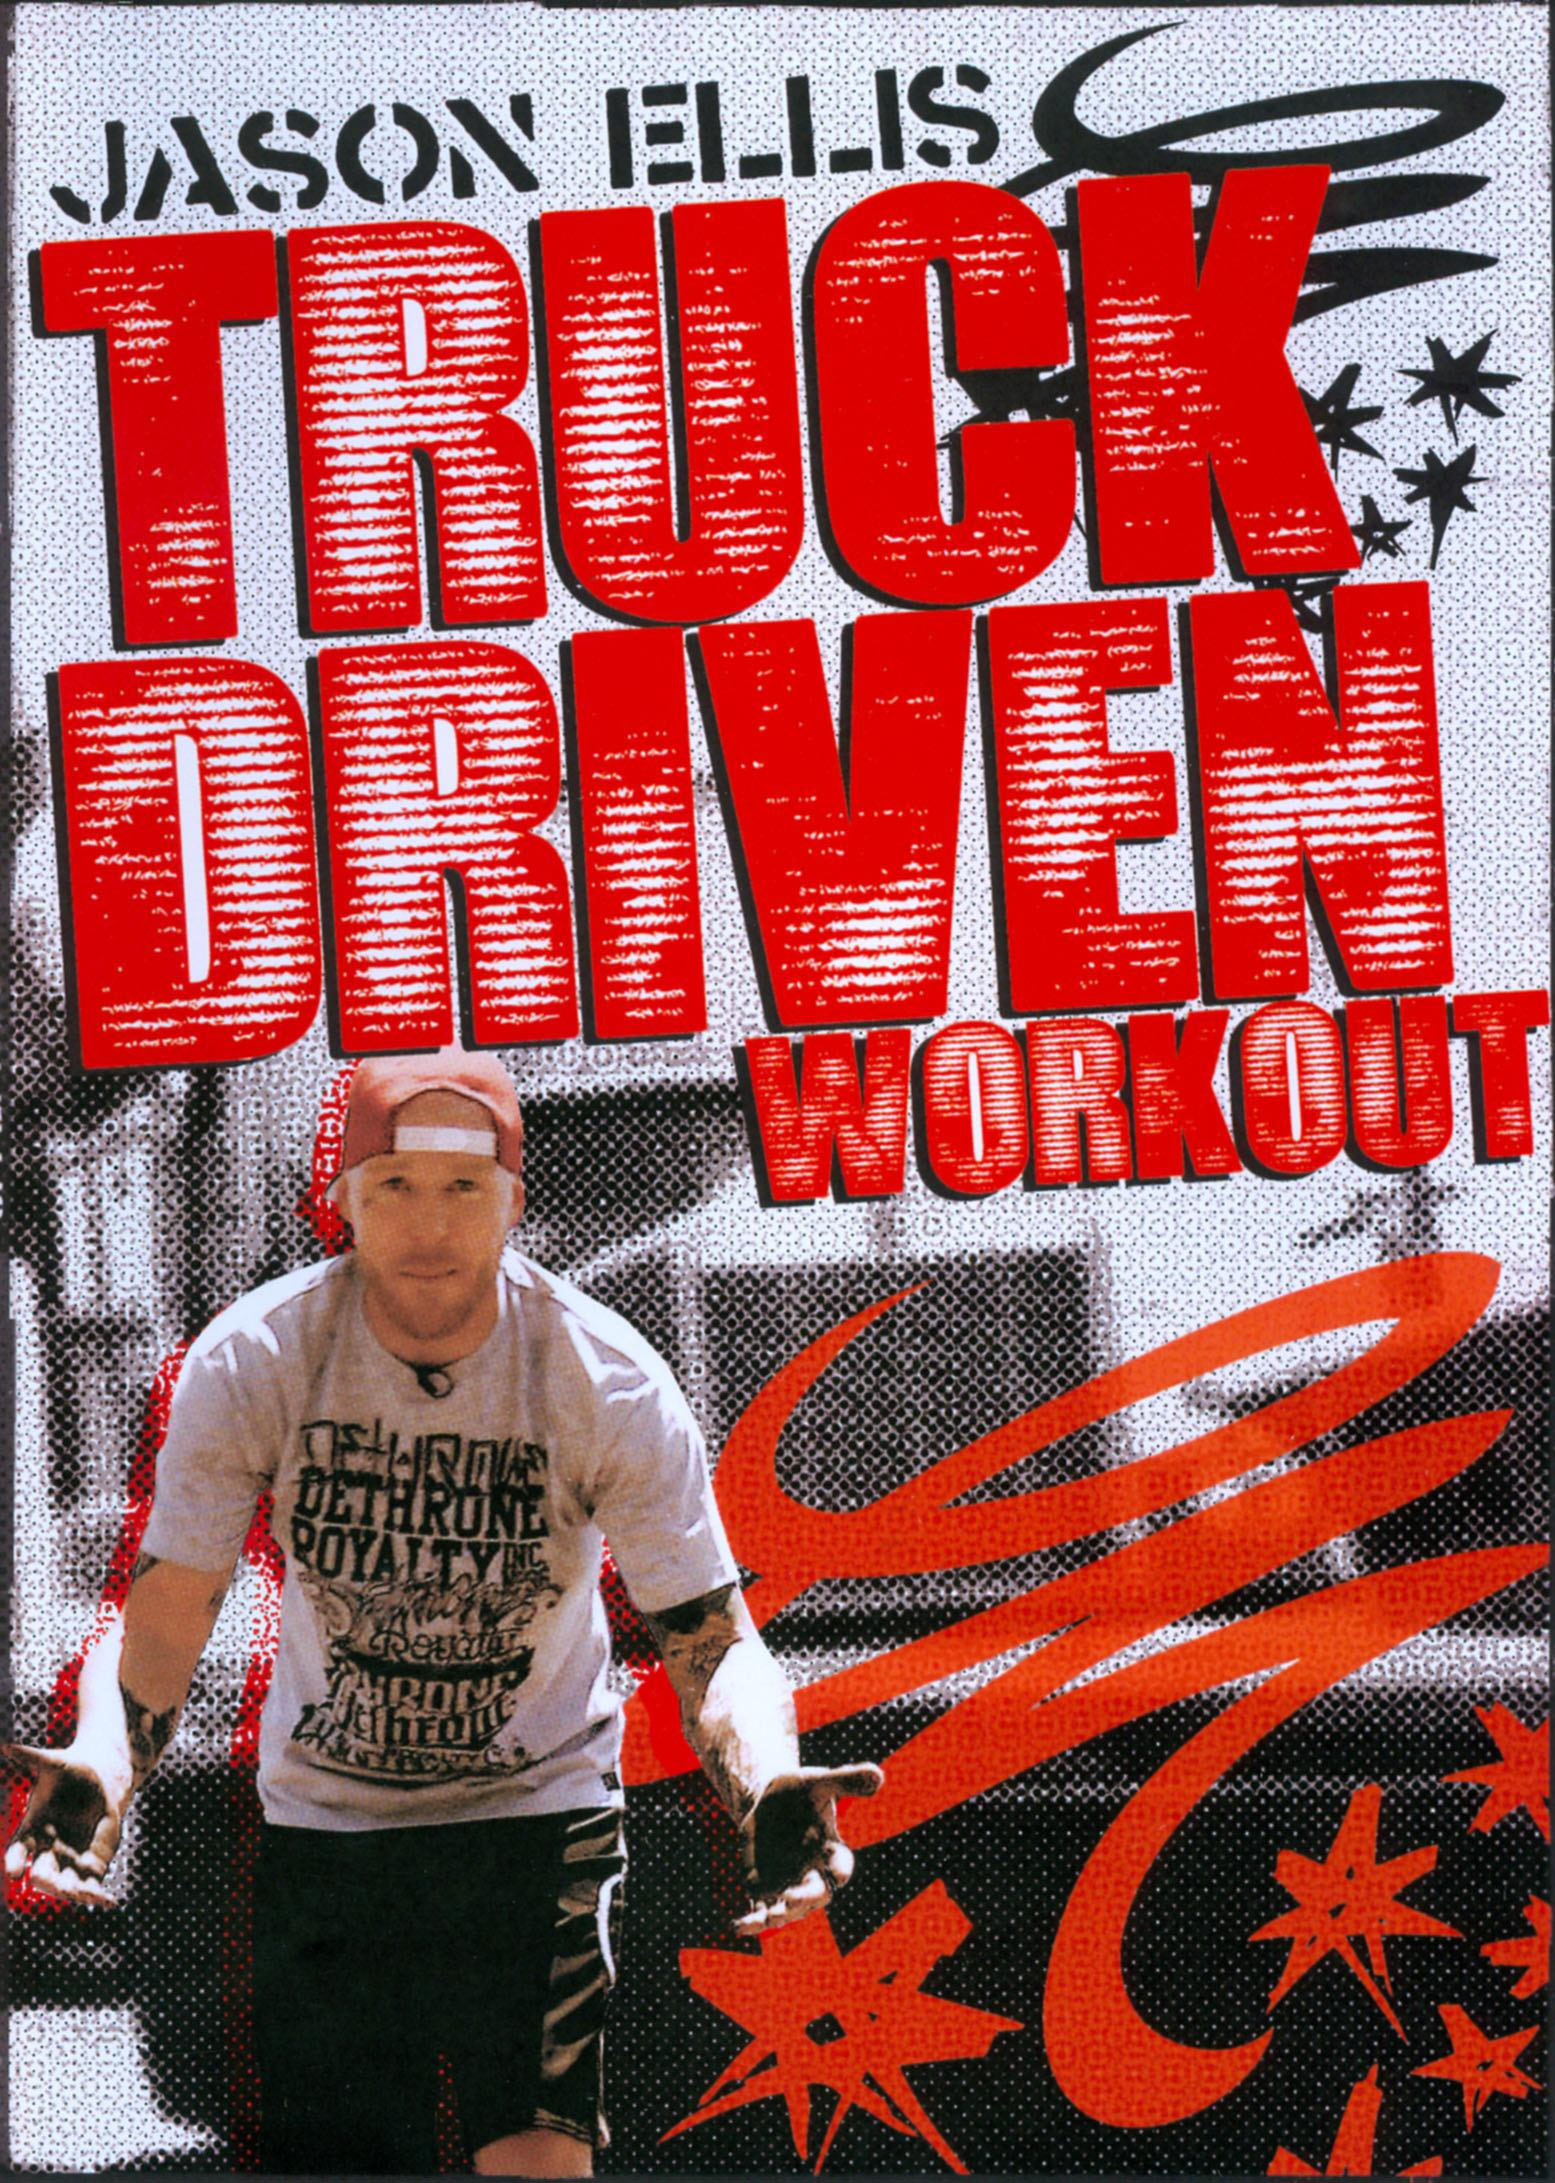 Jason Ellis: Truck Driven Workout